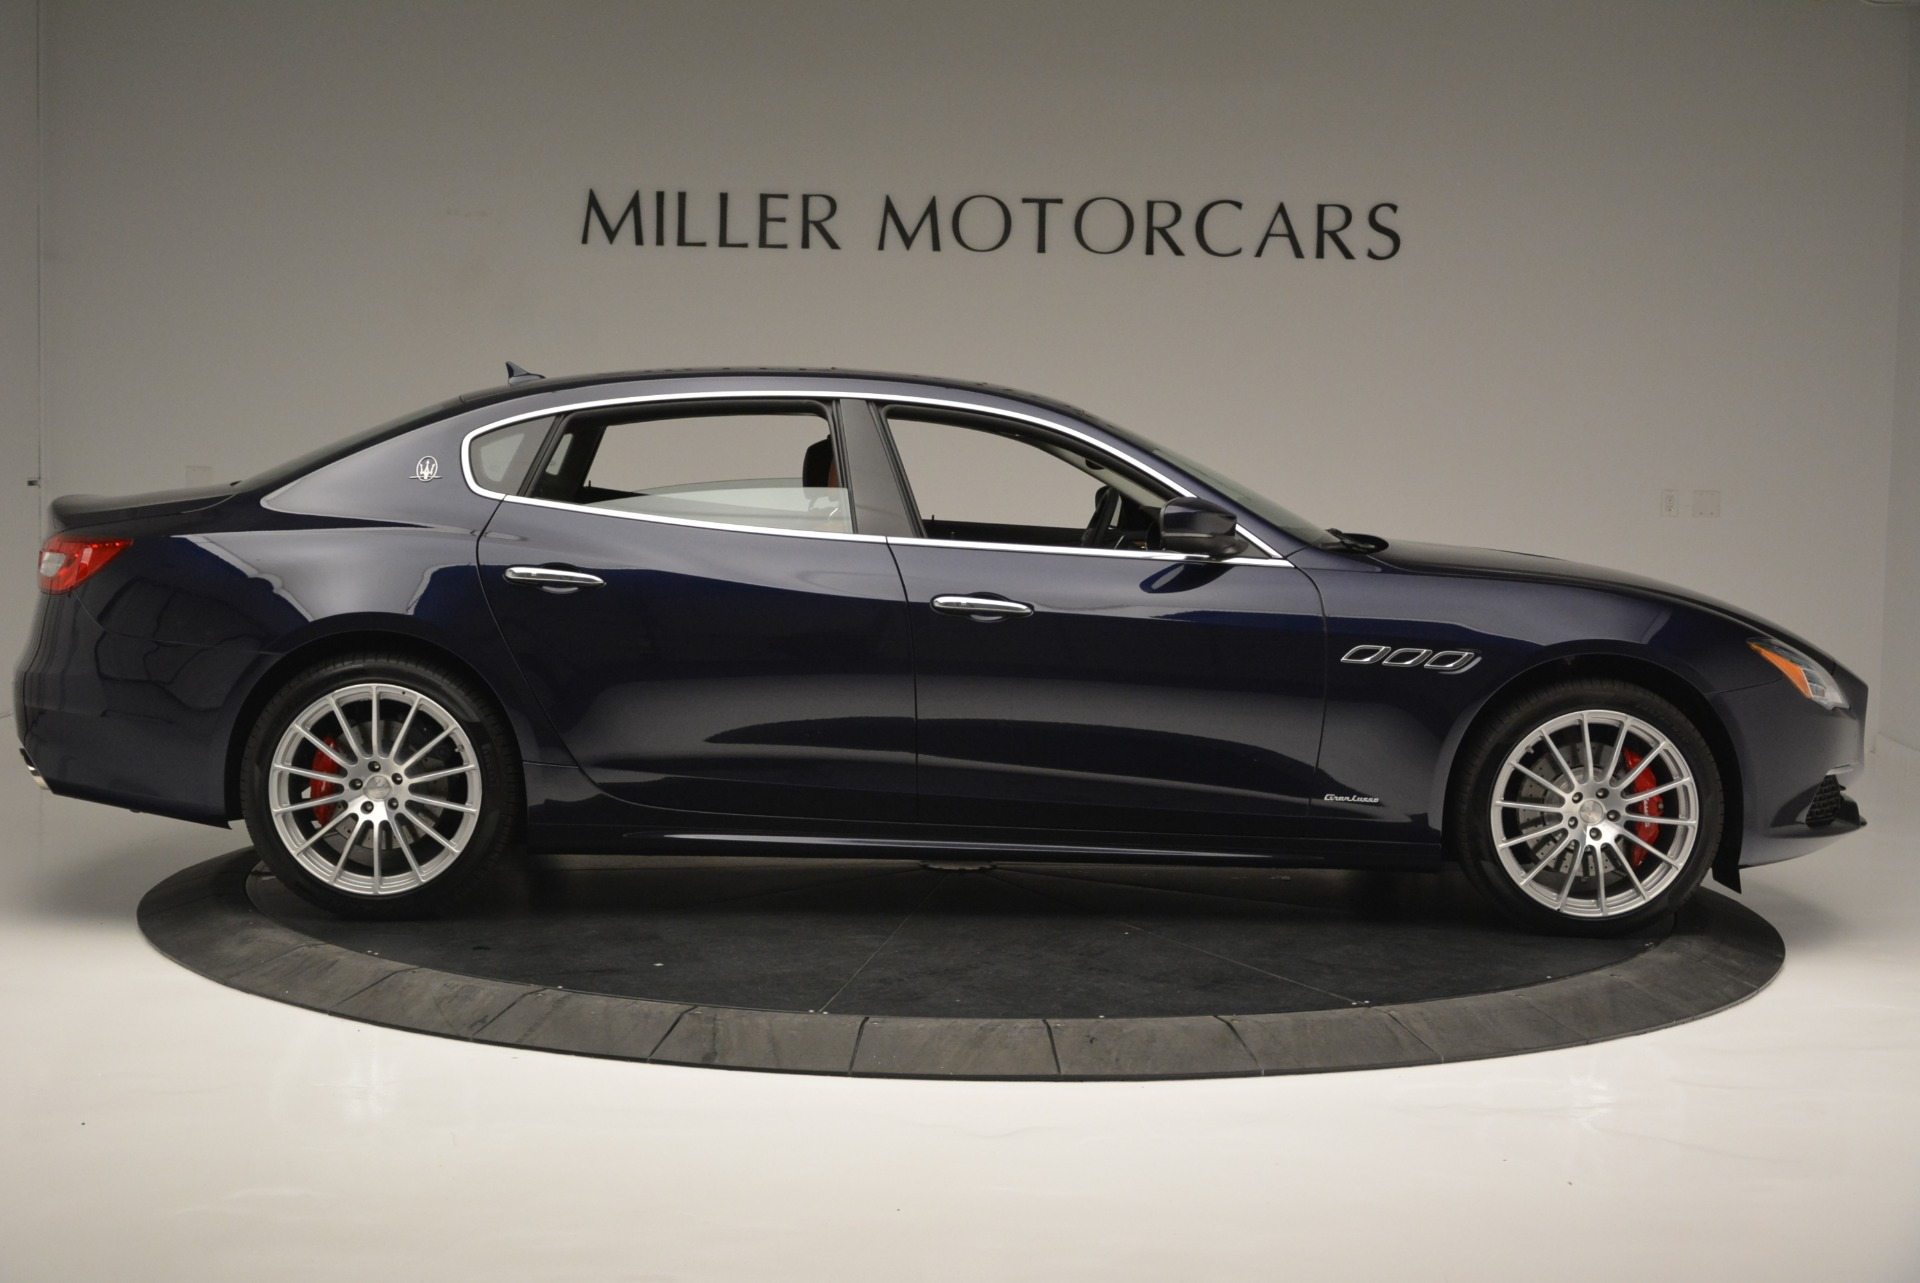 New 2018 Maserati Quattroporte S Q4 GranLusso For Sale In Greenwich, CT 1859_p10